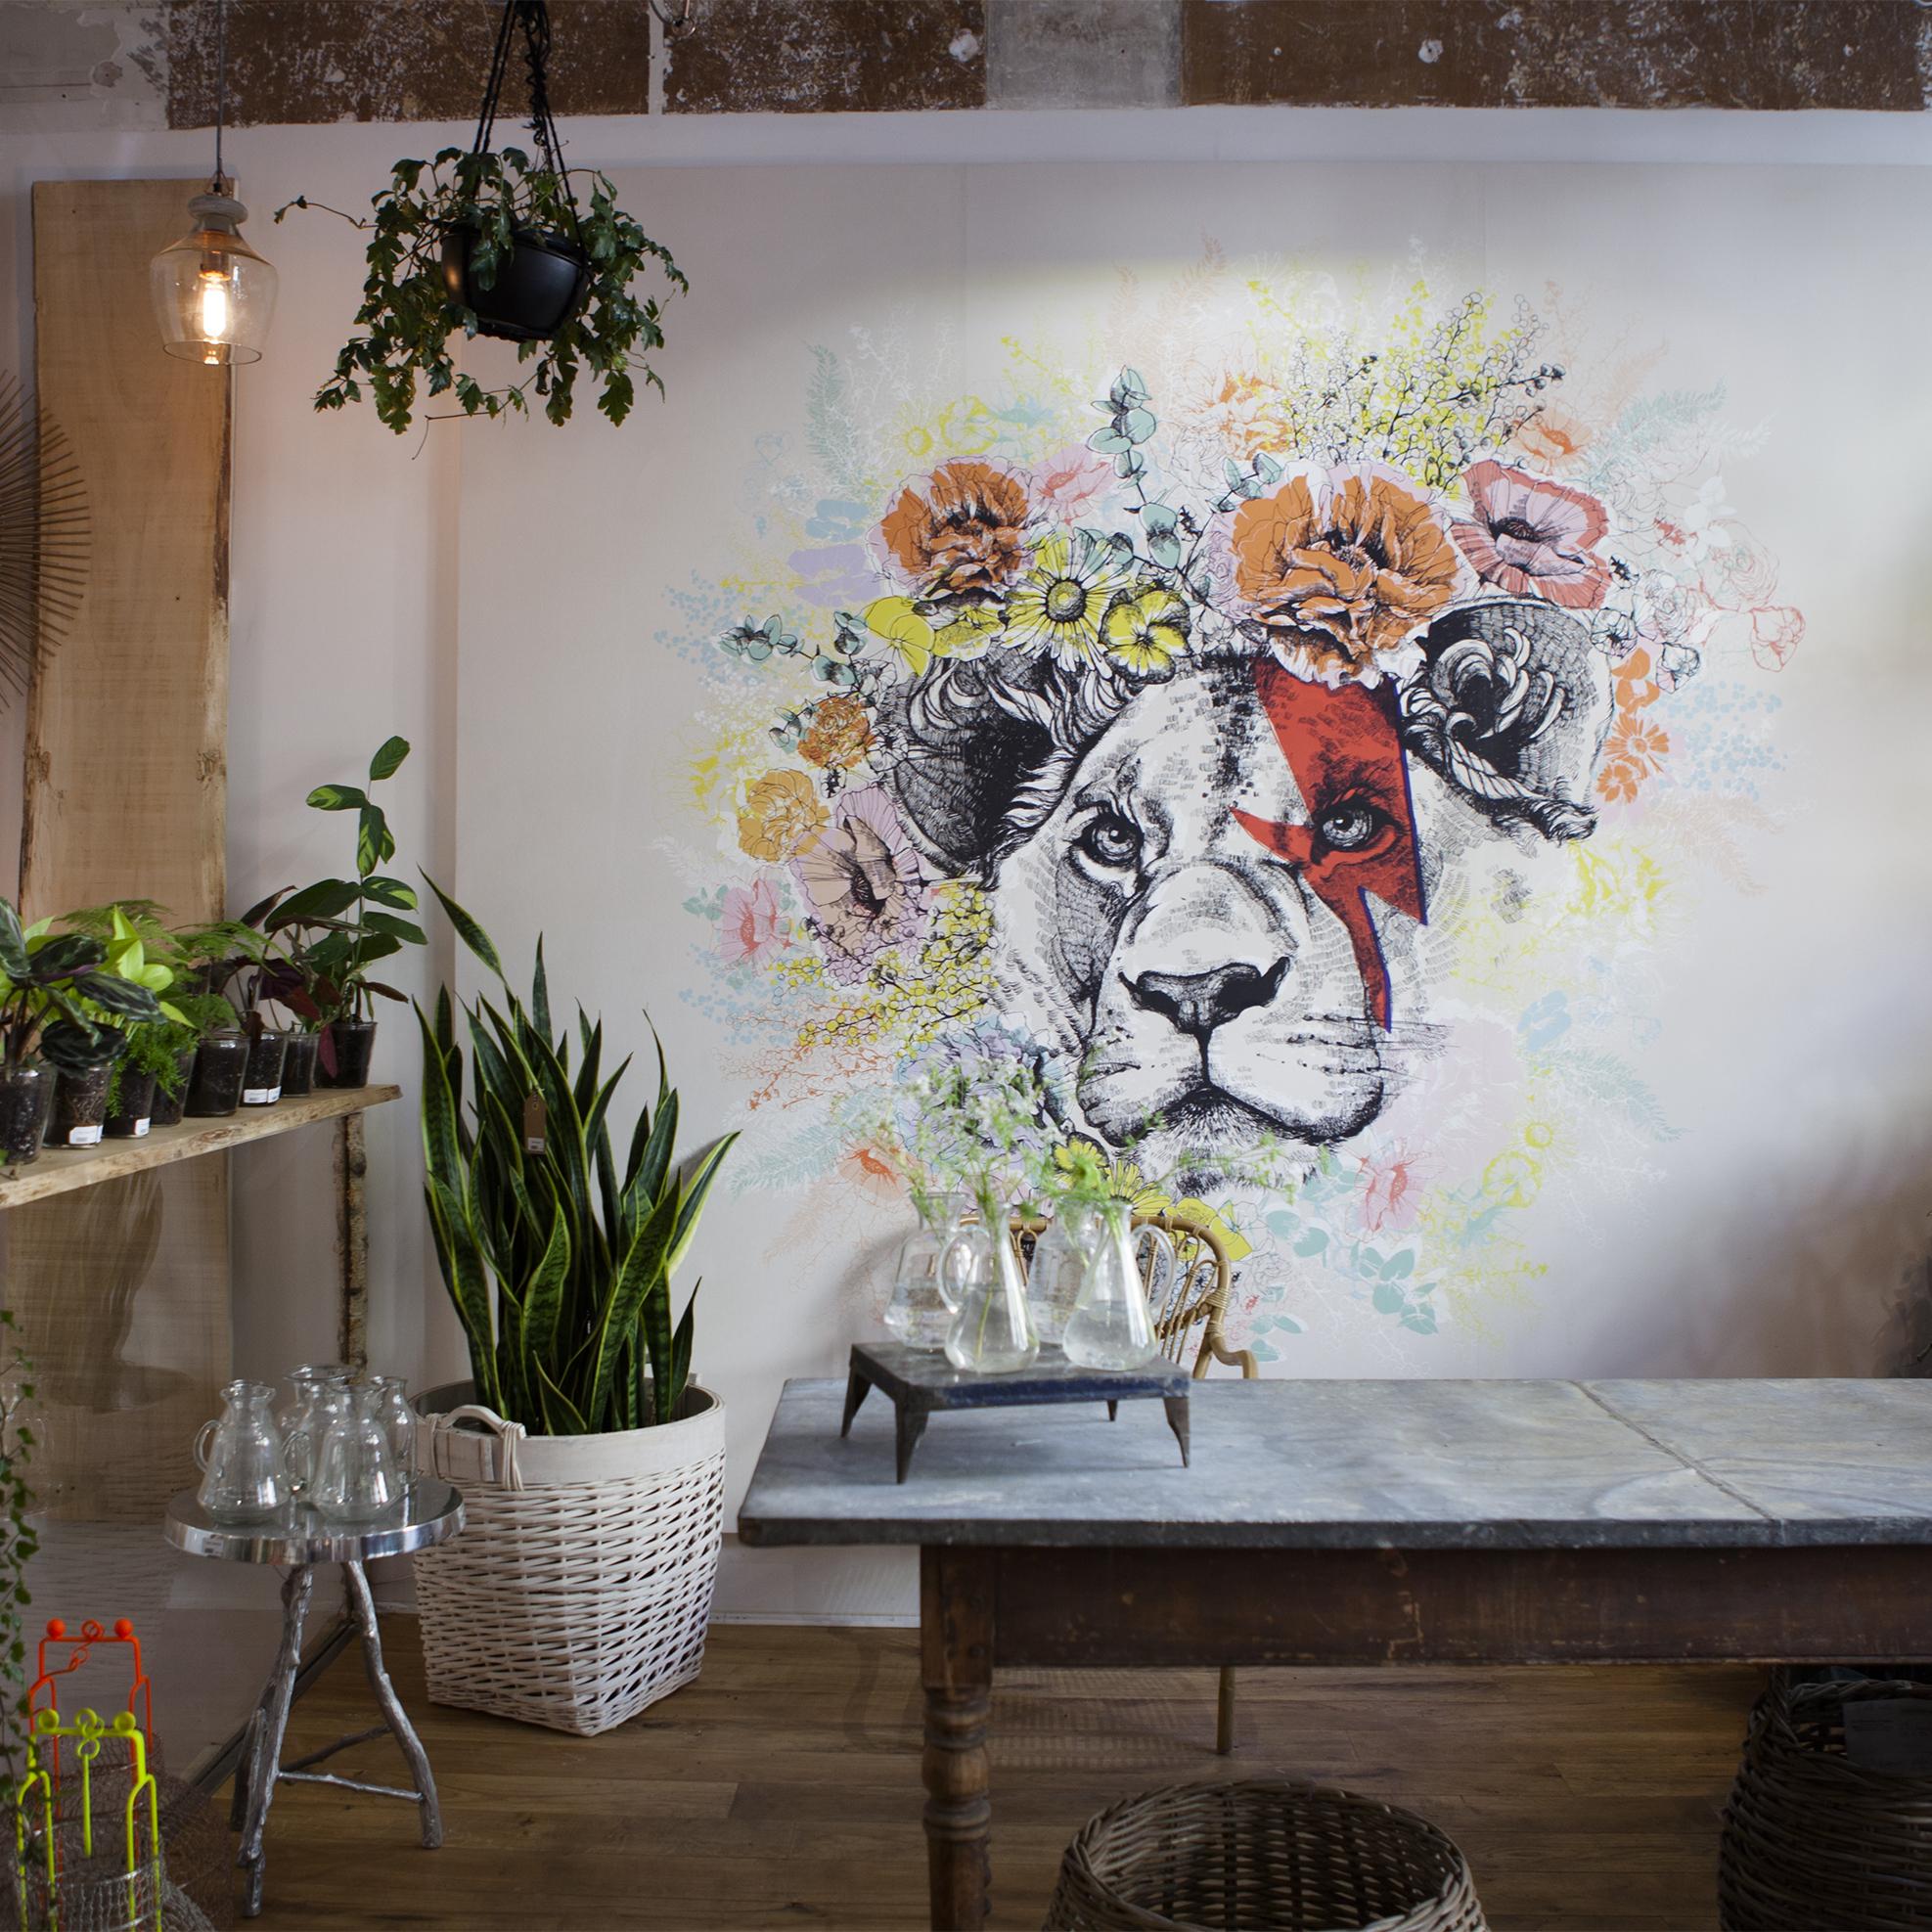 Les Mauvaises Graines - Flower Shop